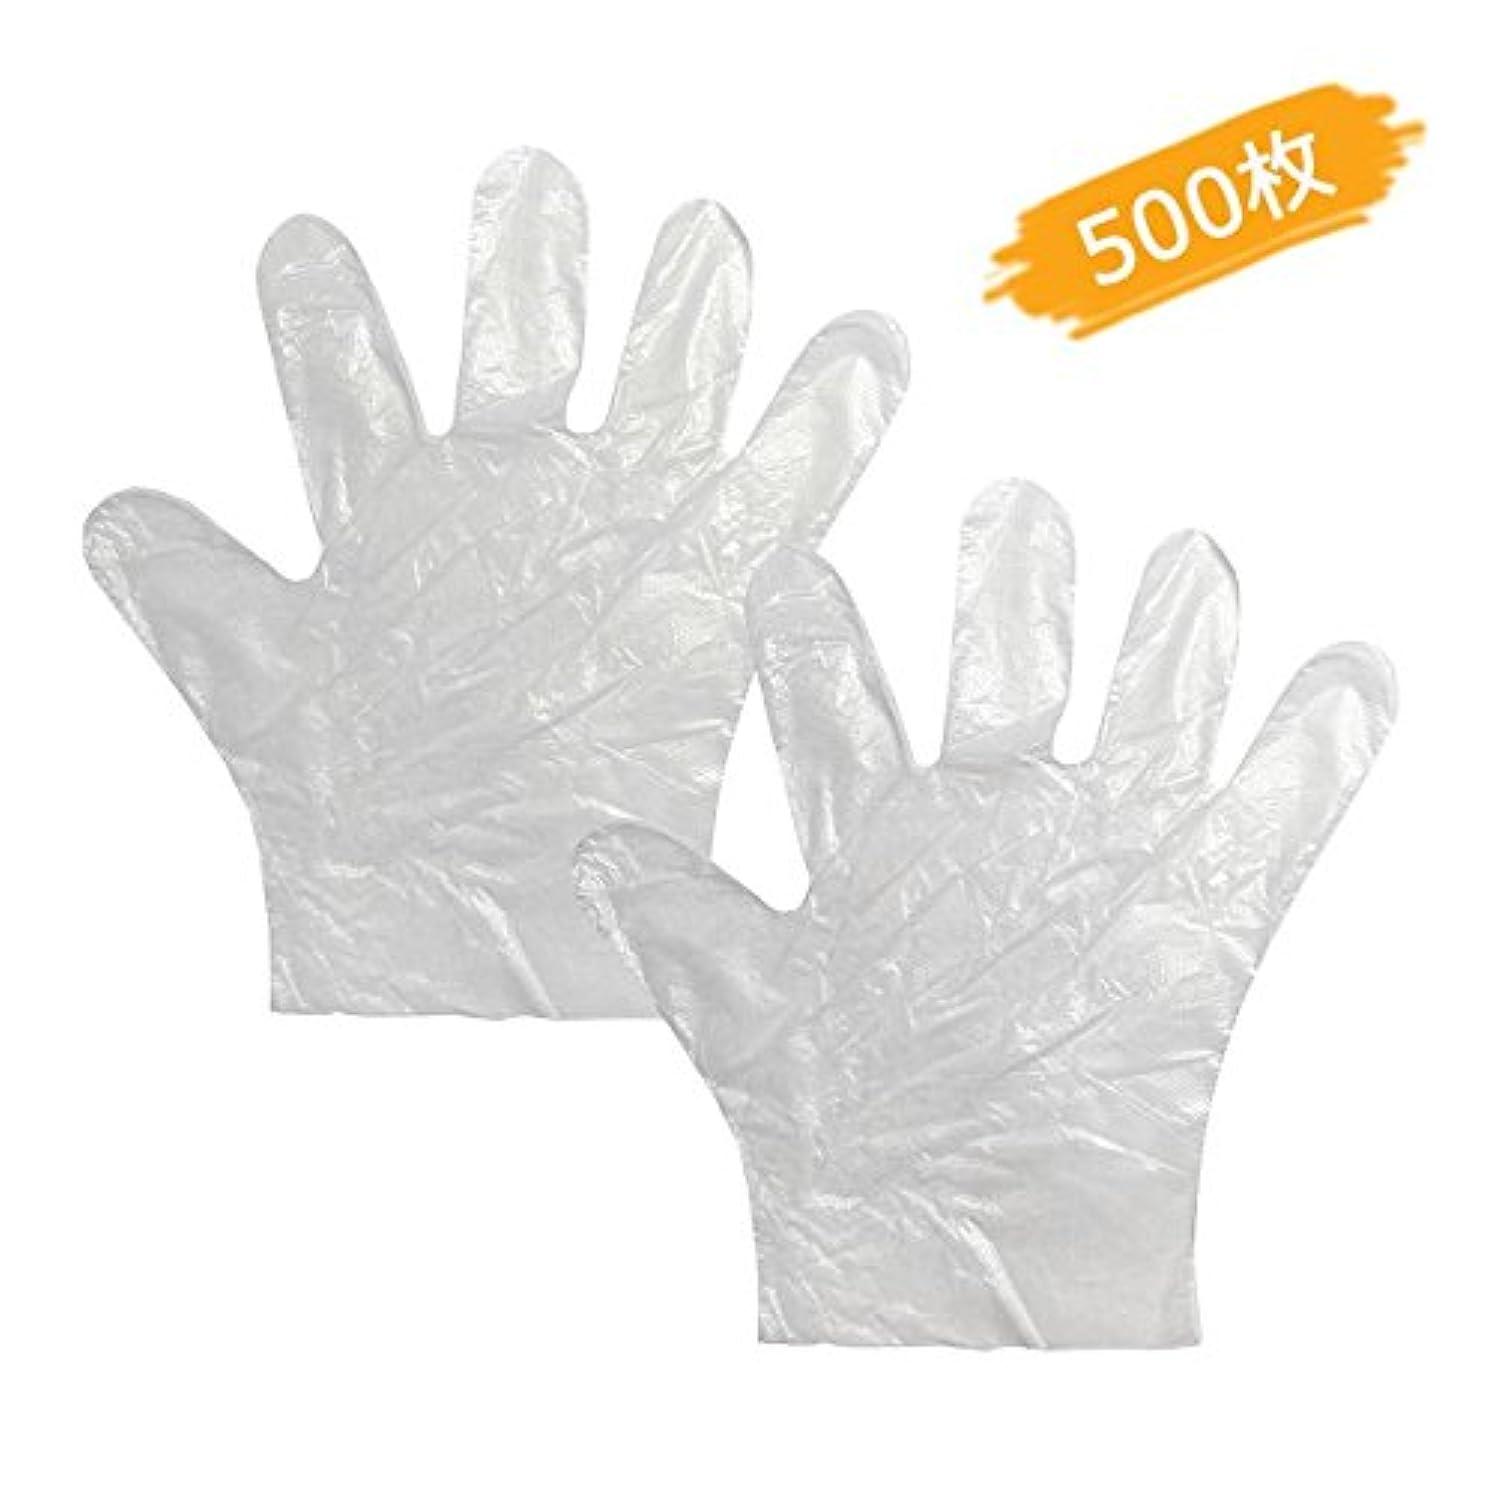 災難砦キャンセル使い捨て手袋 プラスティック手袋 極薄ビニール手袋 調理 透明 実用 500枚入